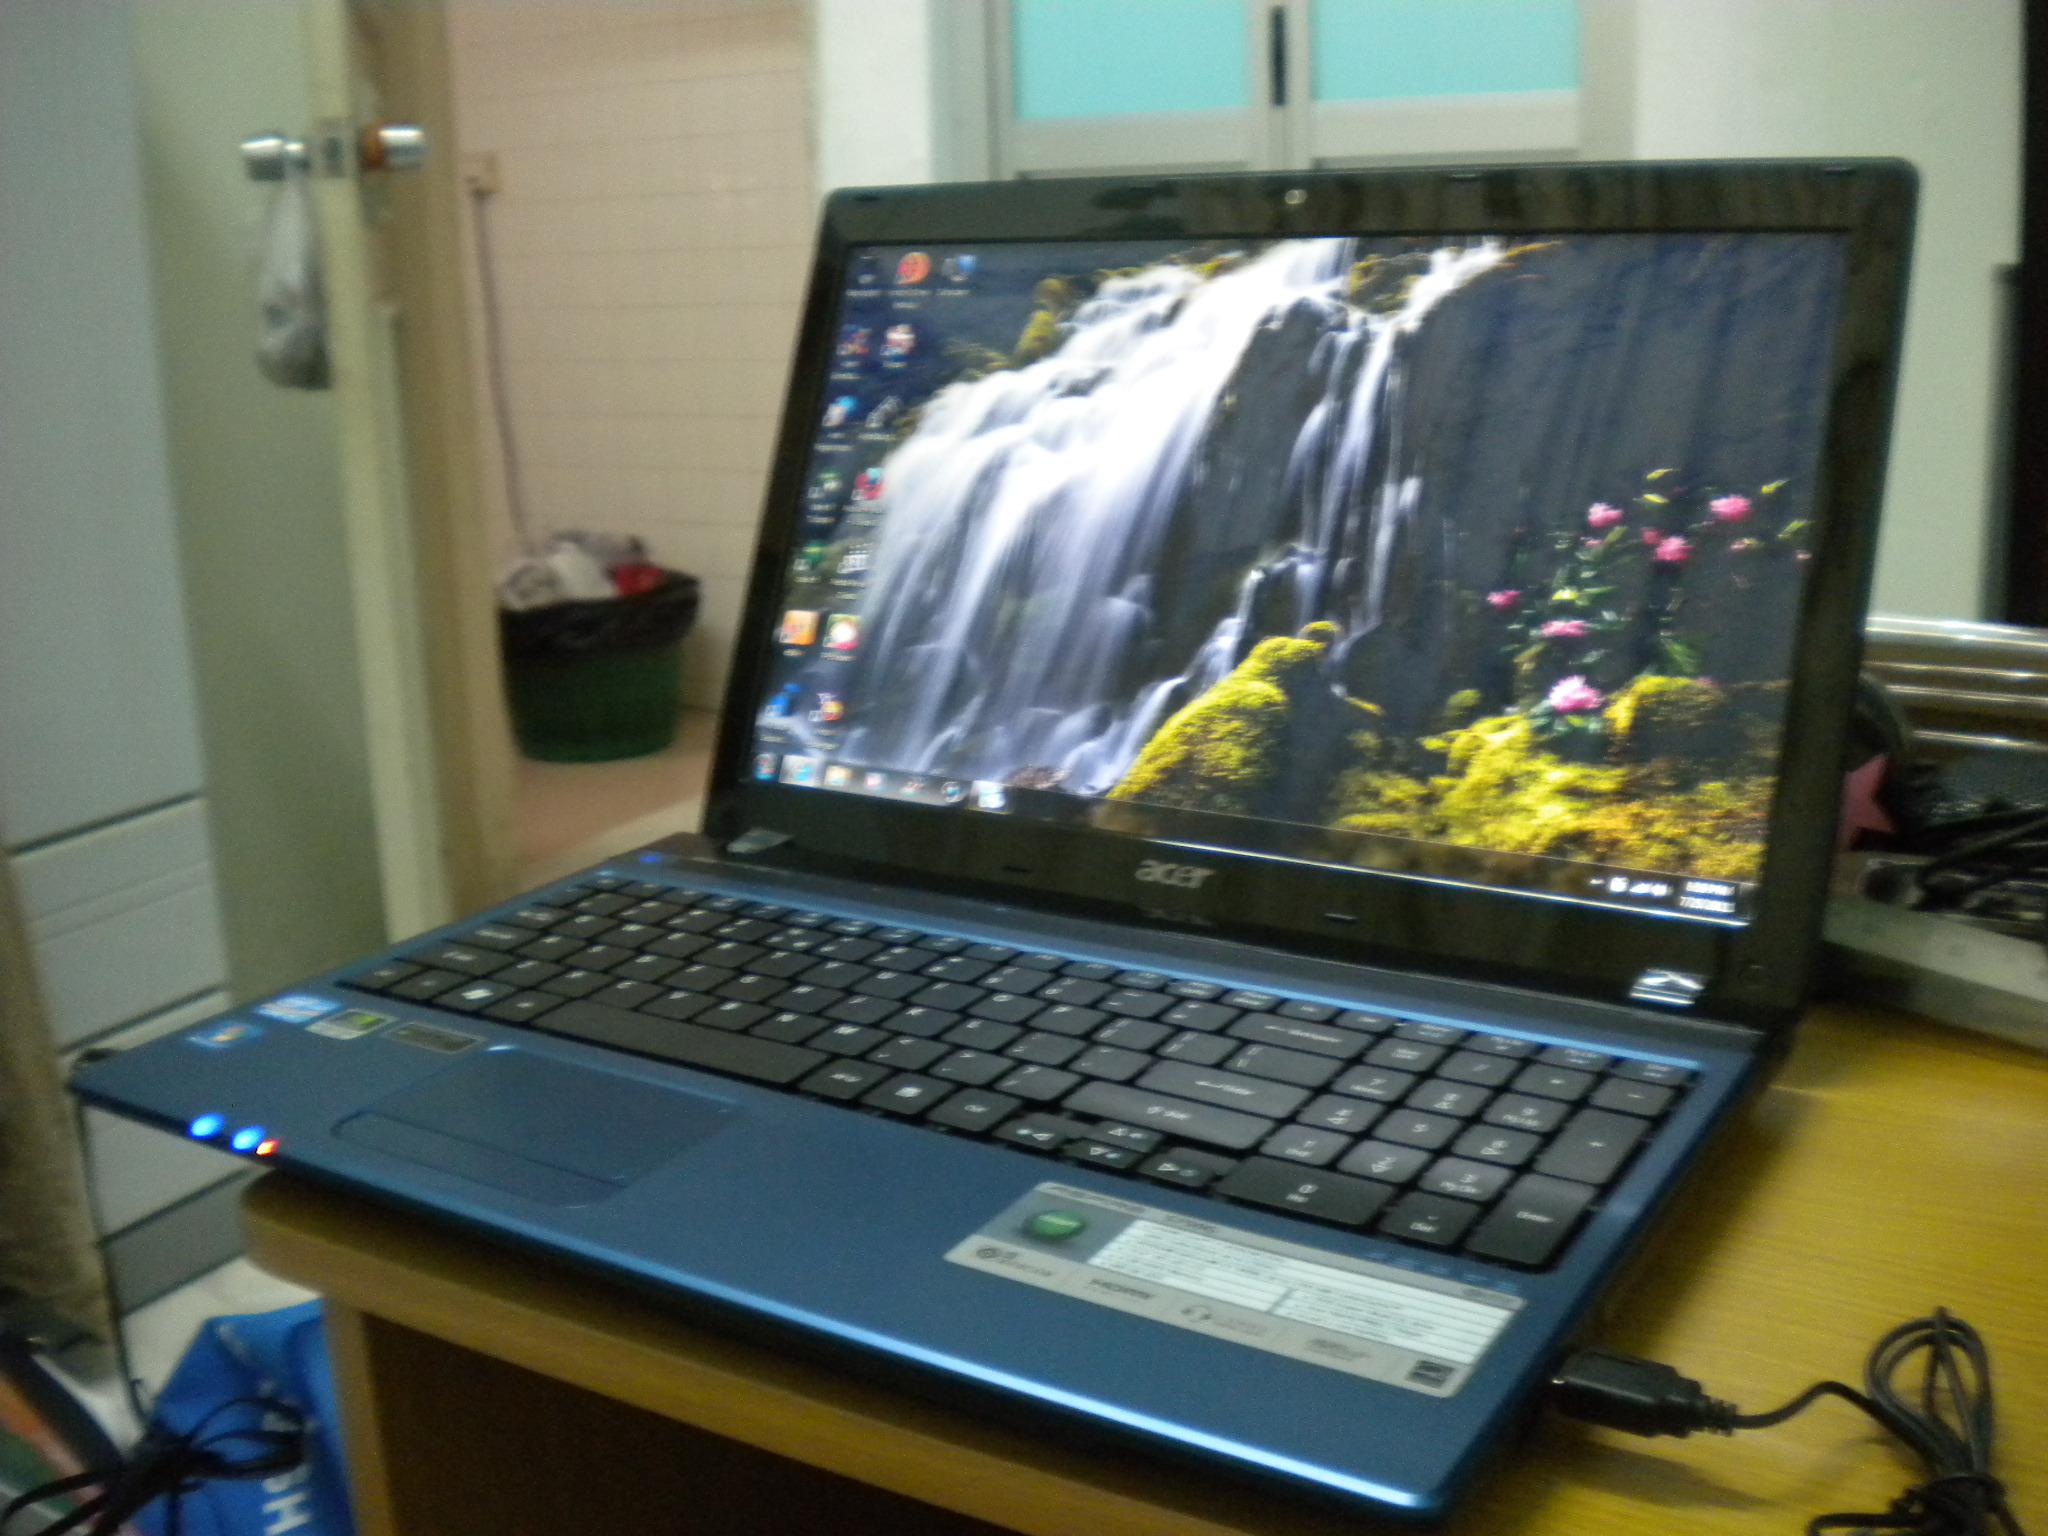 bán laptop cũ Acer 5750g giá rẻ tại Hà Nội